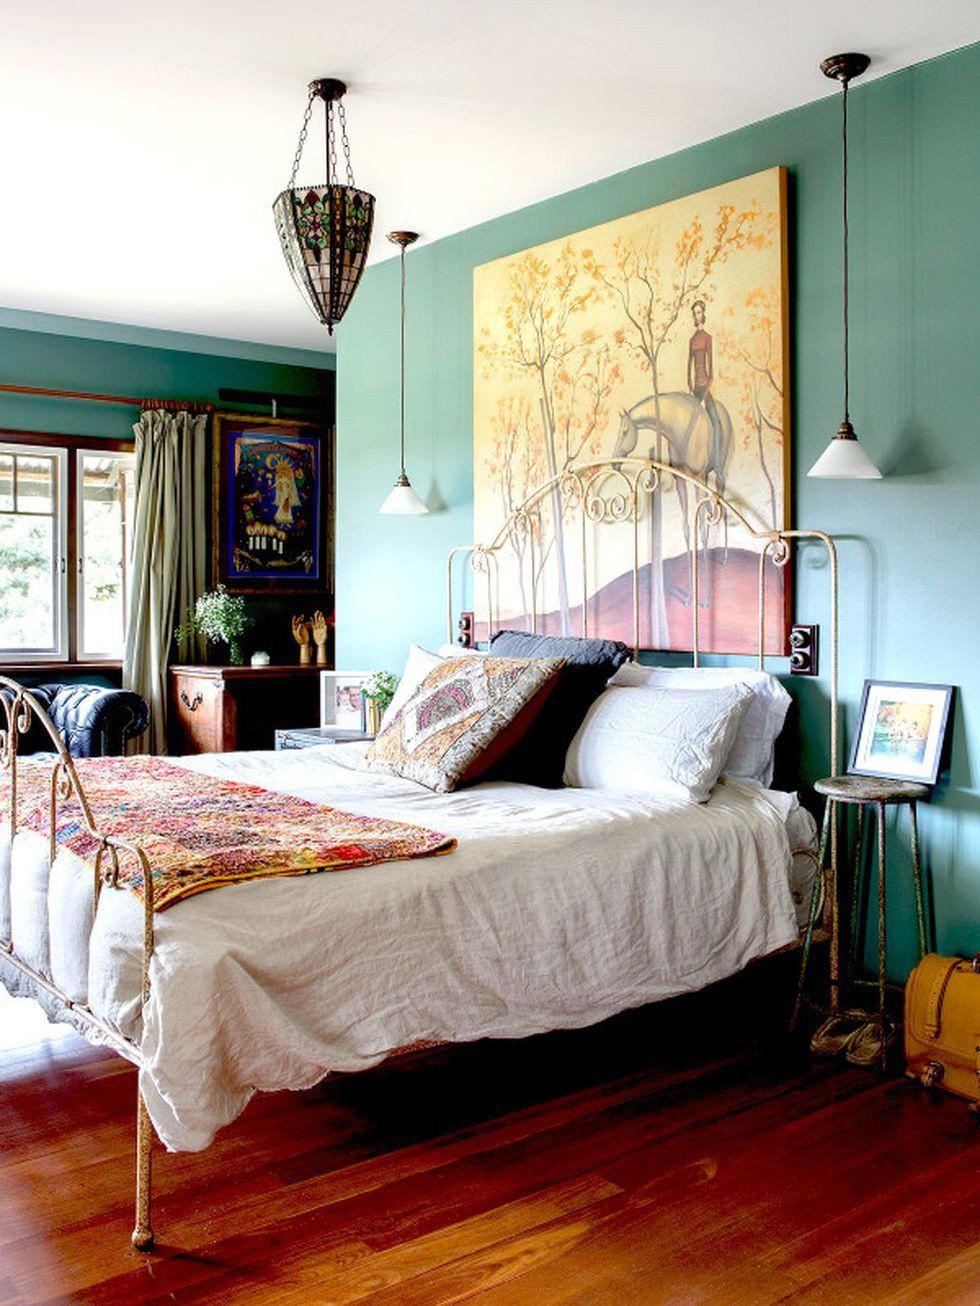 15 ý tưởng màu sắc phòng ngủ theo phong cách cổ điển ngọt ngào - Ảnh 2.